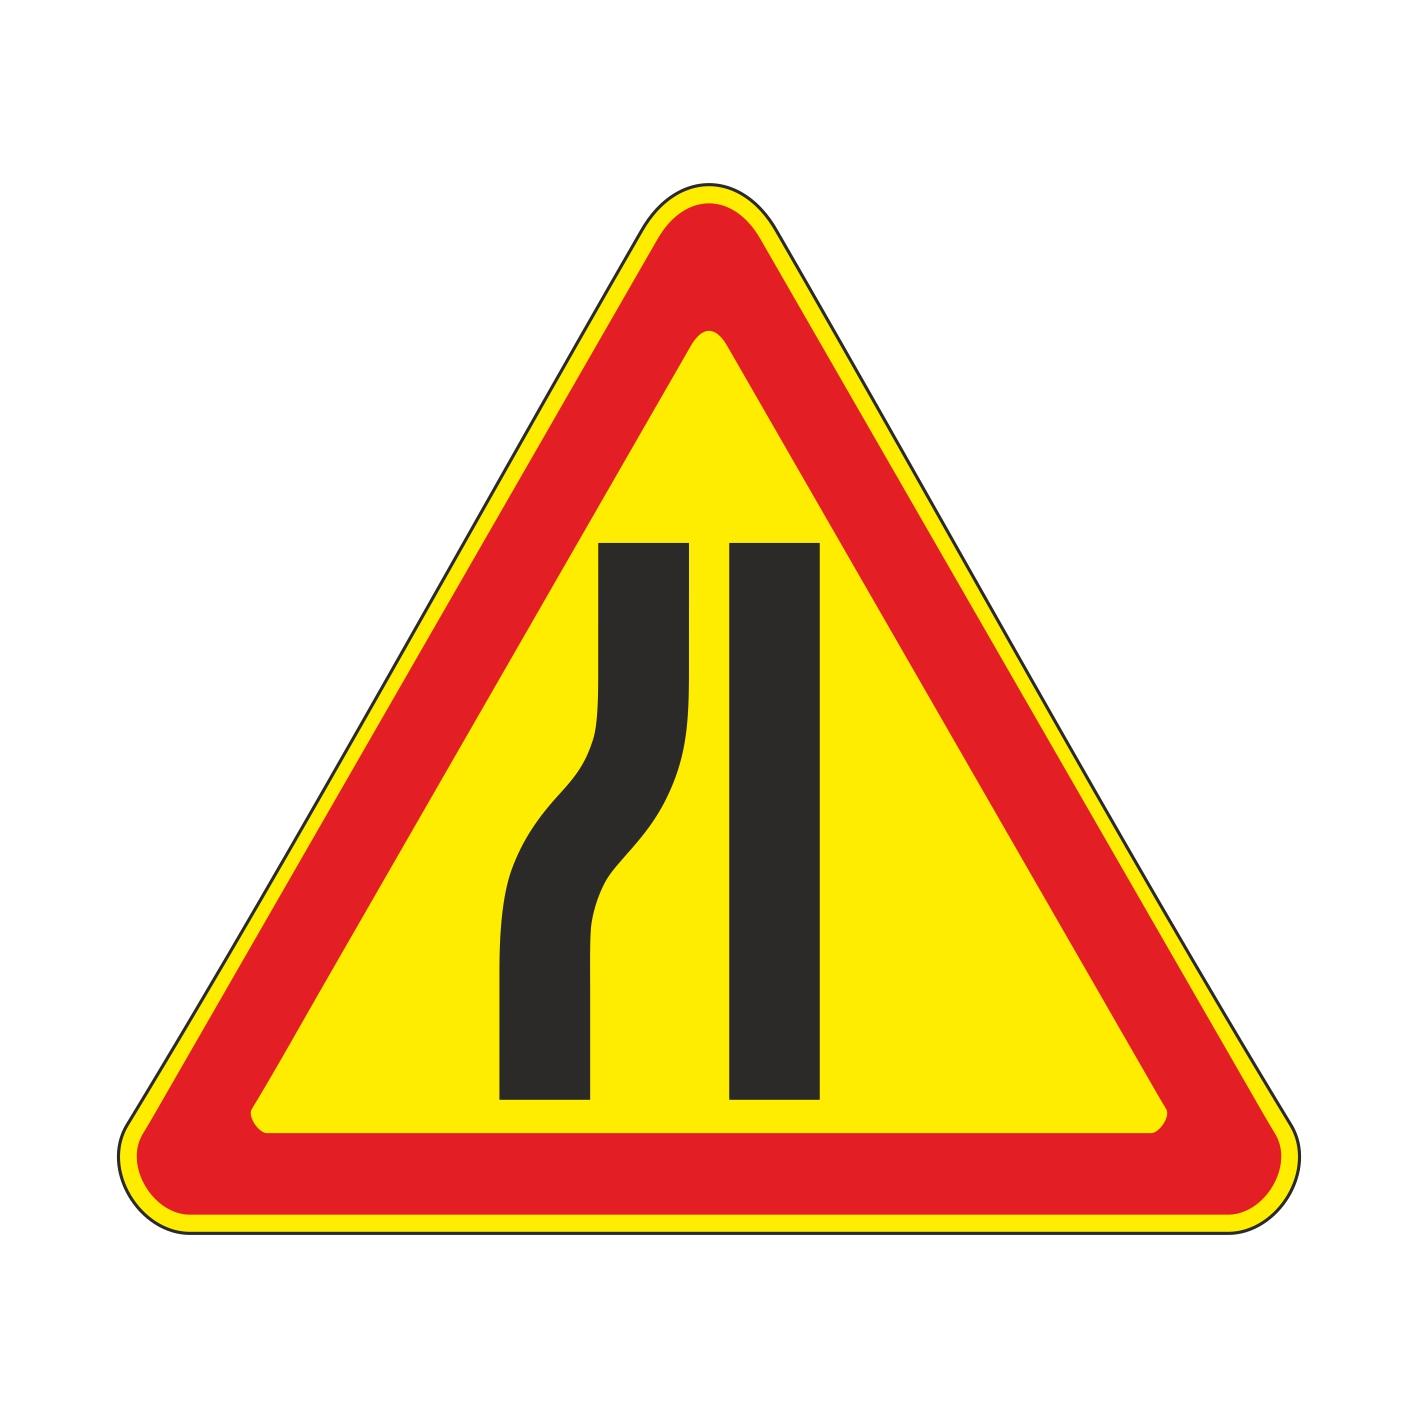 1.20.3 (временный) Сужение дороги [дорожный знак]